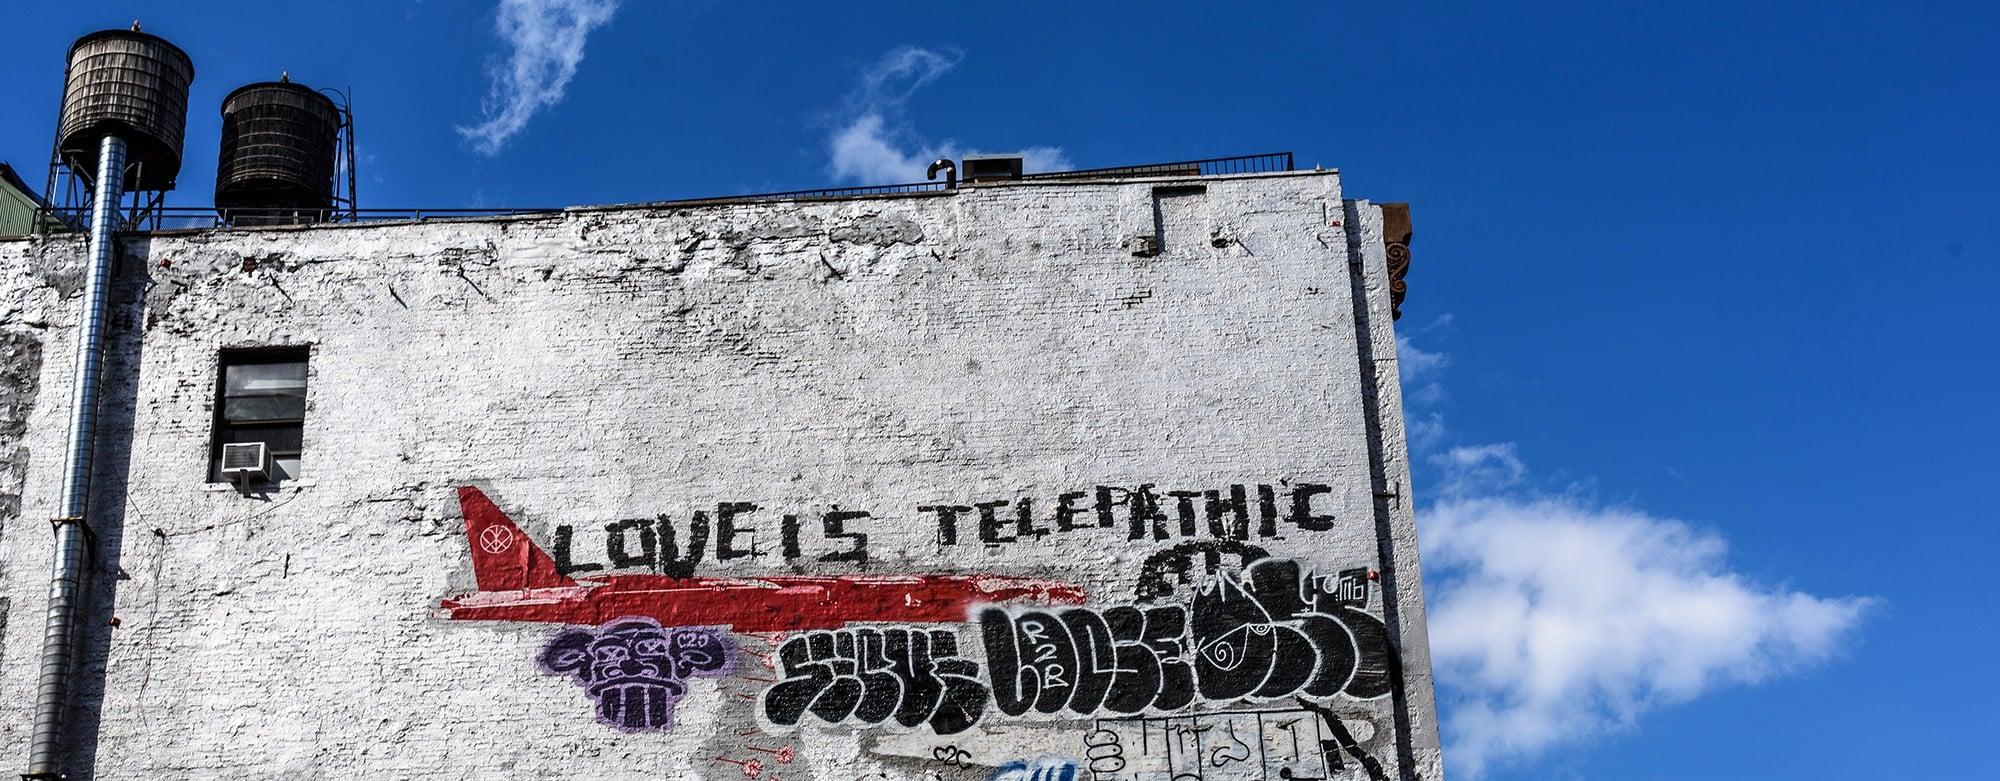 Love-is-telepathic